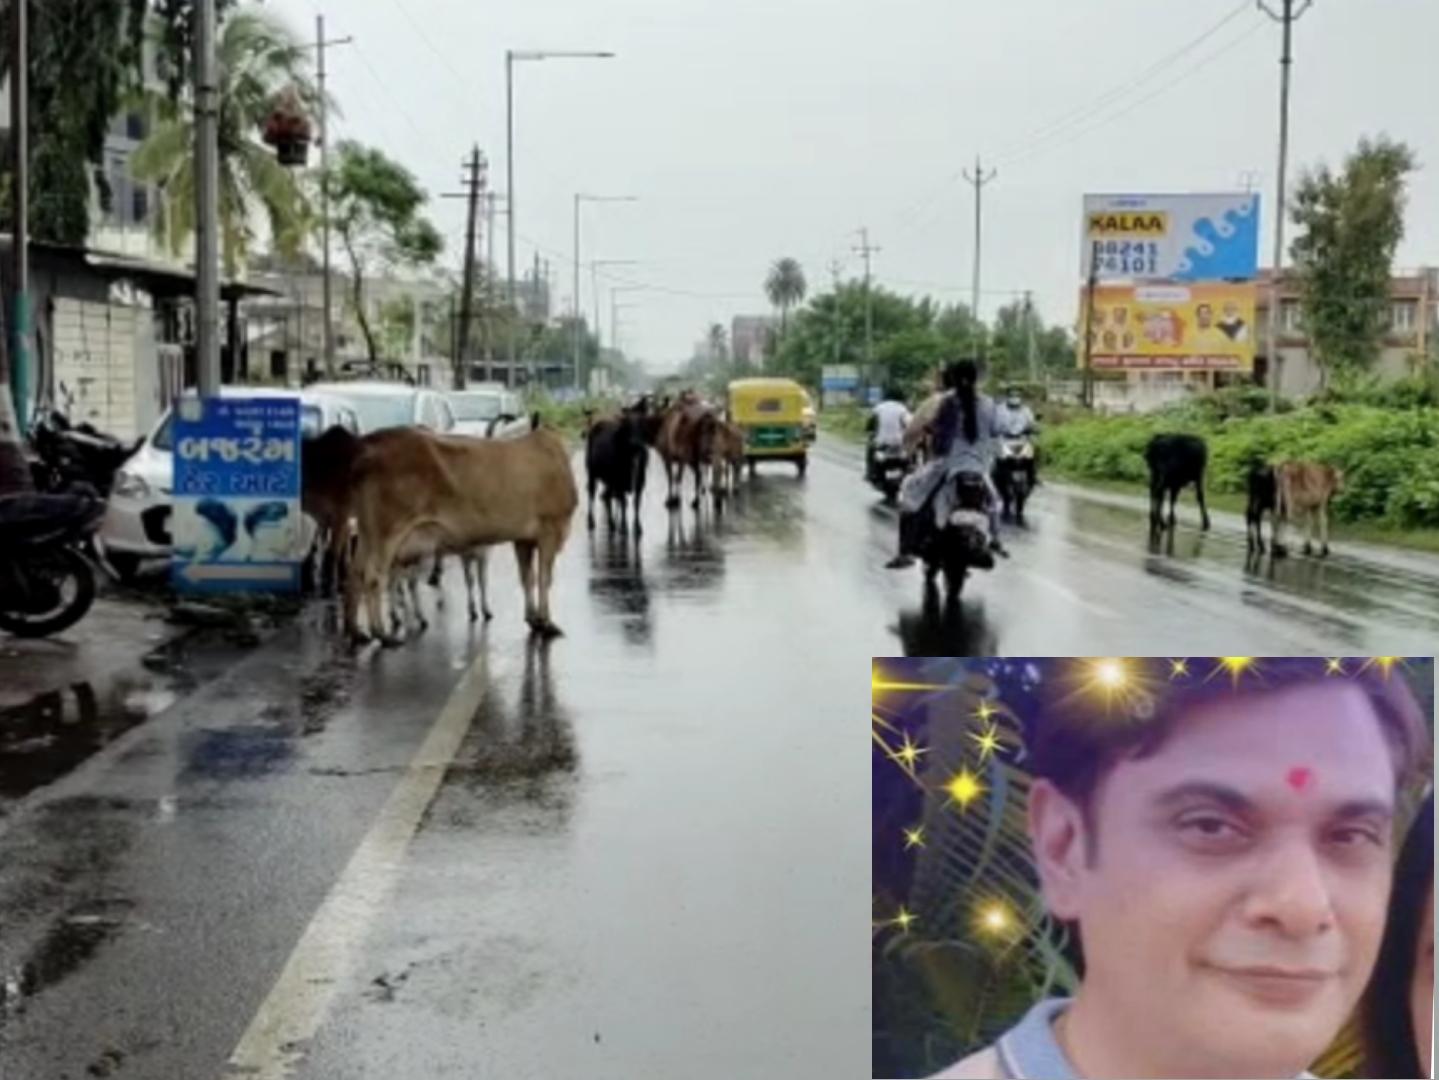 નવસારી શહેરમાં રખડતા પશુના કારણે વધુ એક અકસ્માત સર્જાયો, ઘાયલ યુવક પર ન્યુરો સર્જરી કરવી પડી|નવસારી,Navsari - Divya Bhaskar